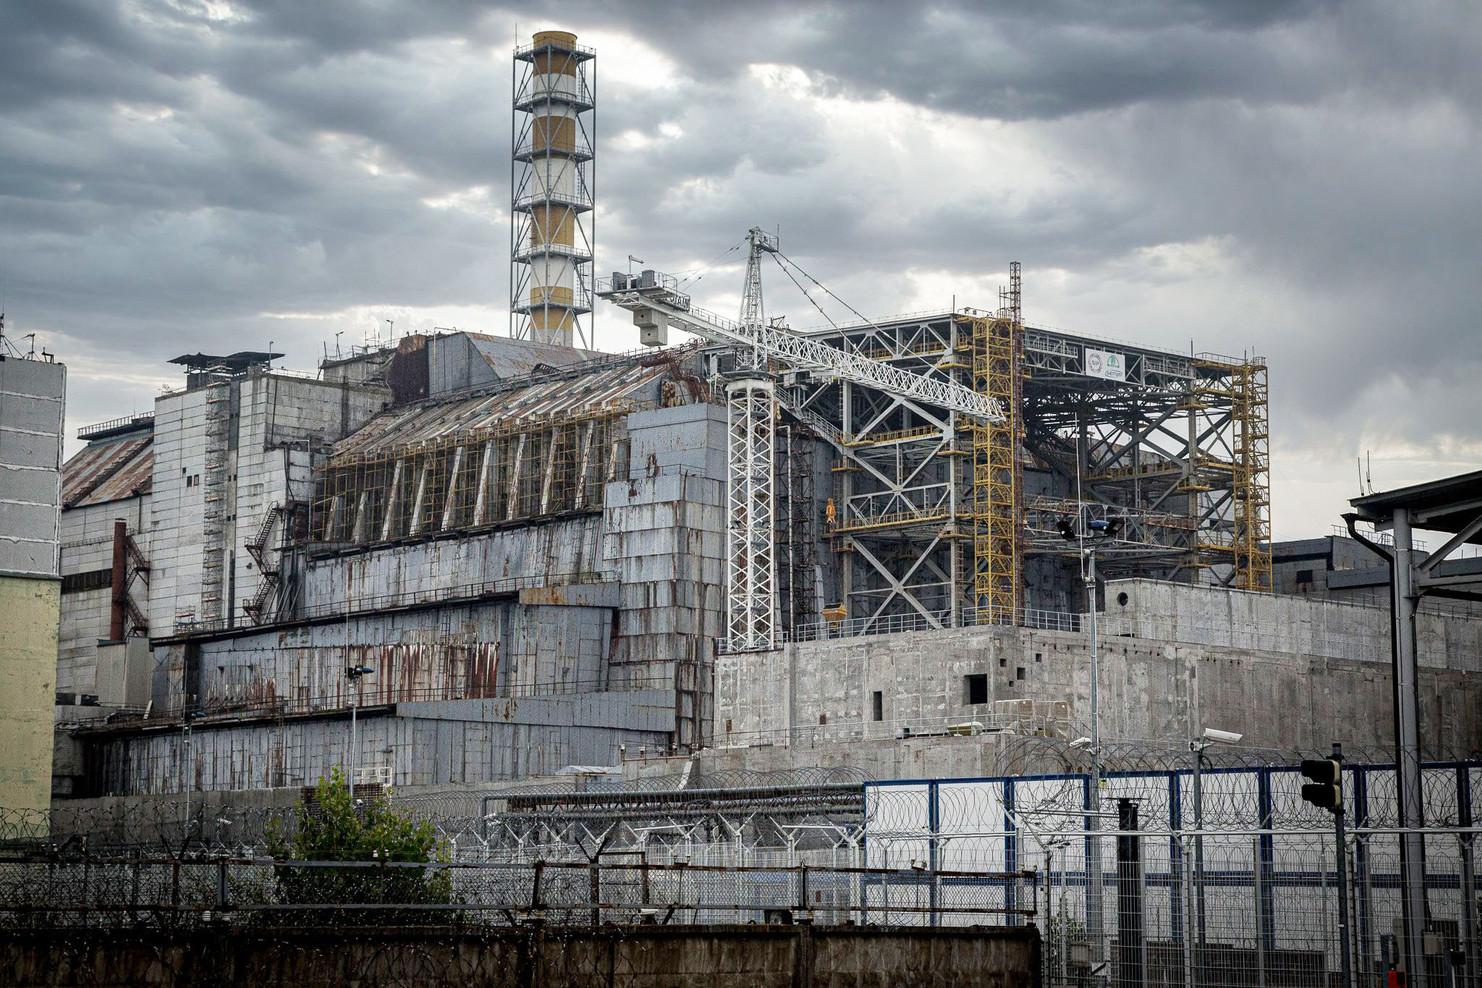 Le sarcophage recouvrant le réacteur numéro 4 avant la mise en place de l'arche de confinement